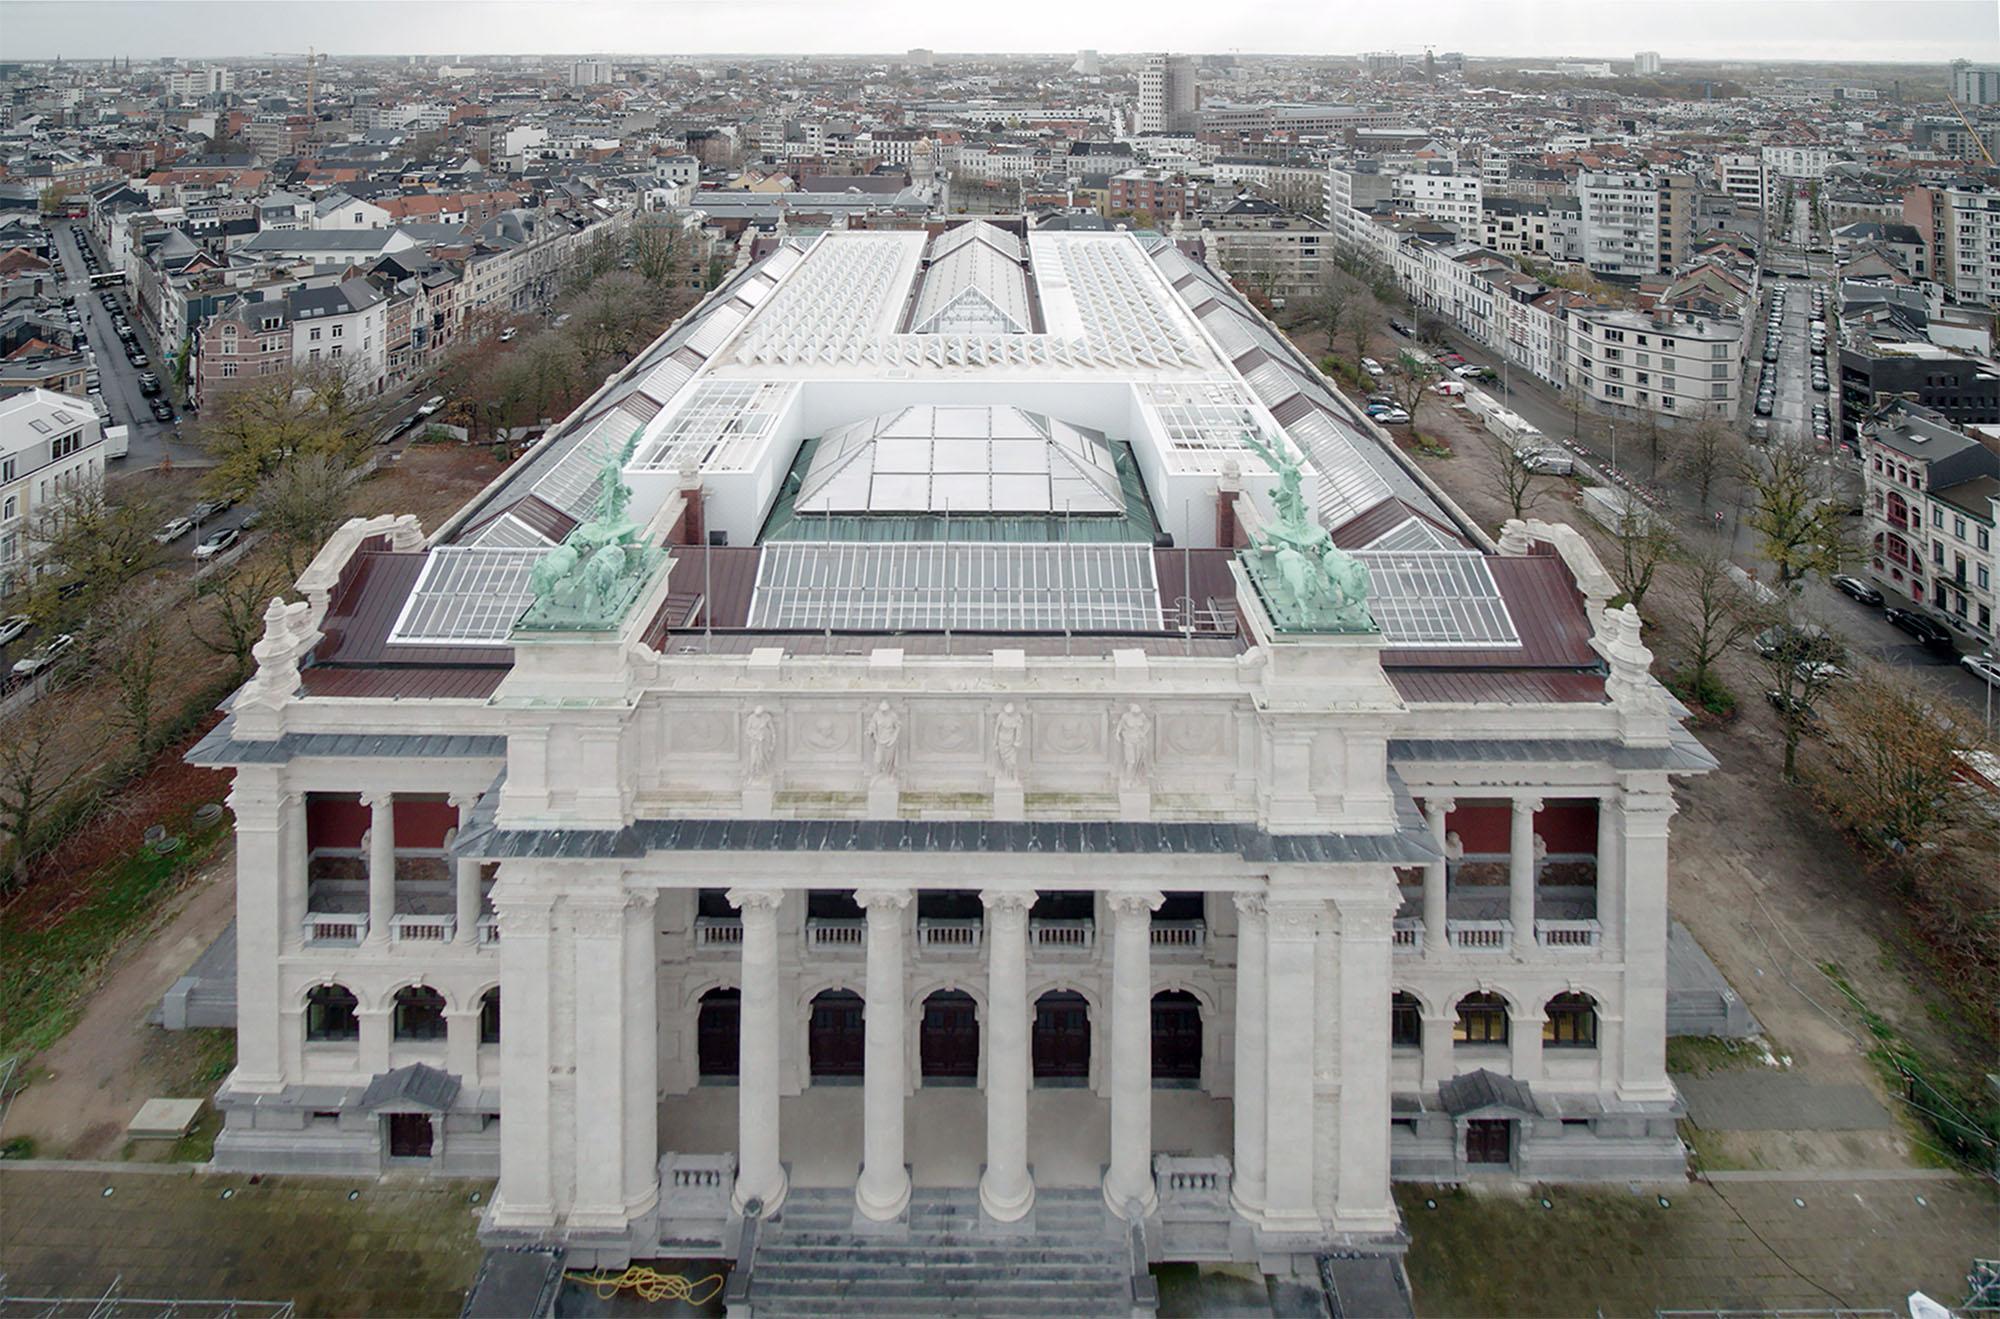 L'AMPLIAMENTO DEL MUSEO KMSKA PRENDE LA FORMA DI UN VIAGGIO AFFASCINANTE KAAN ARCHITECTEN